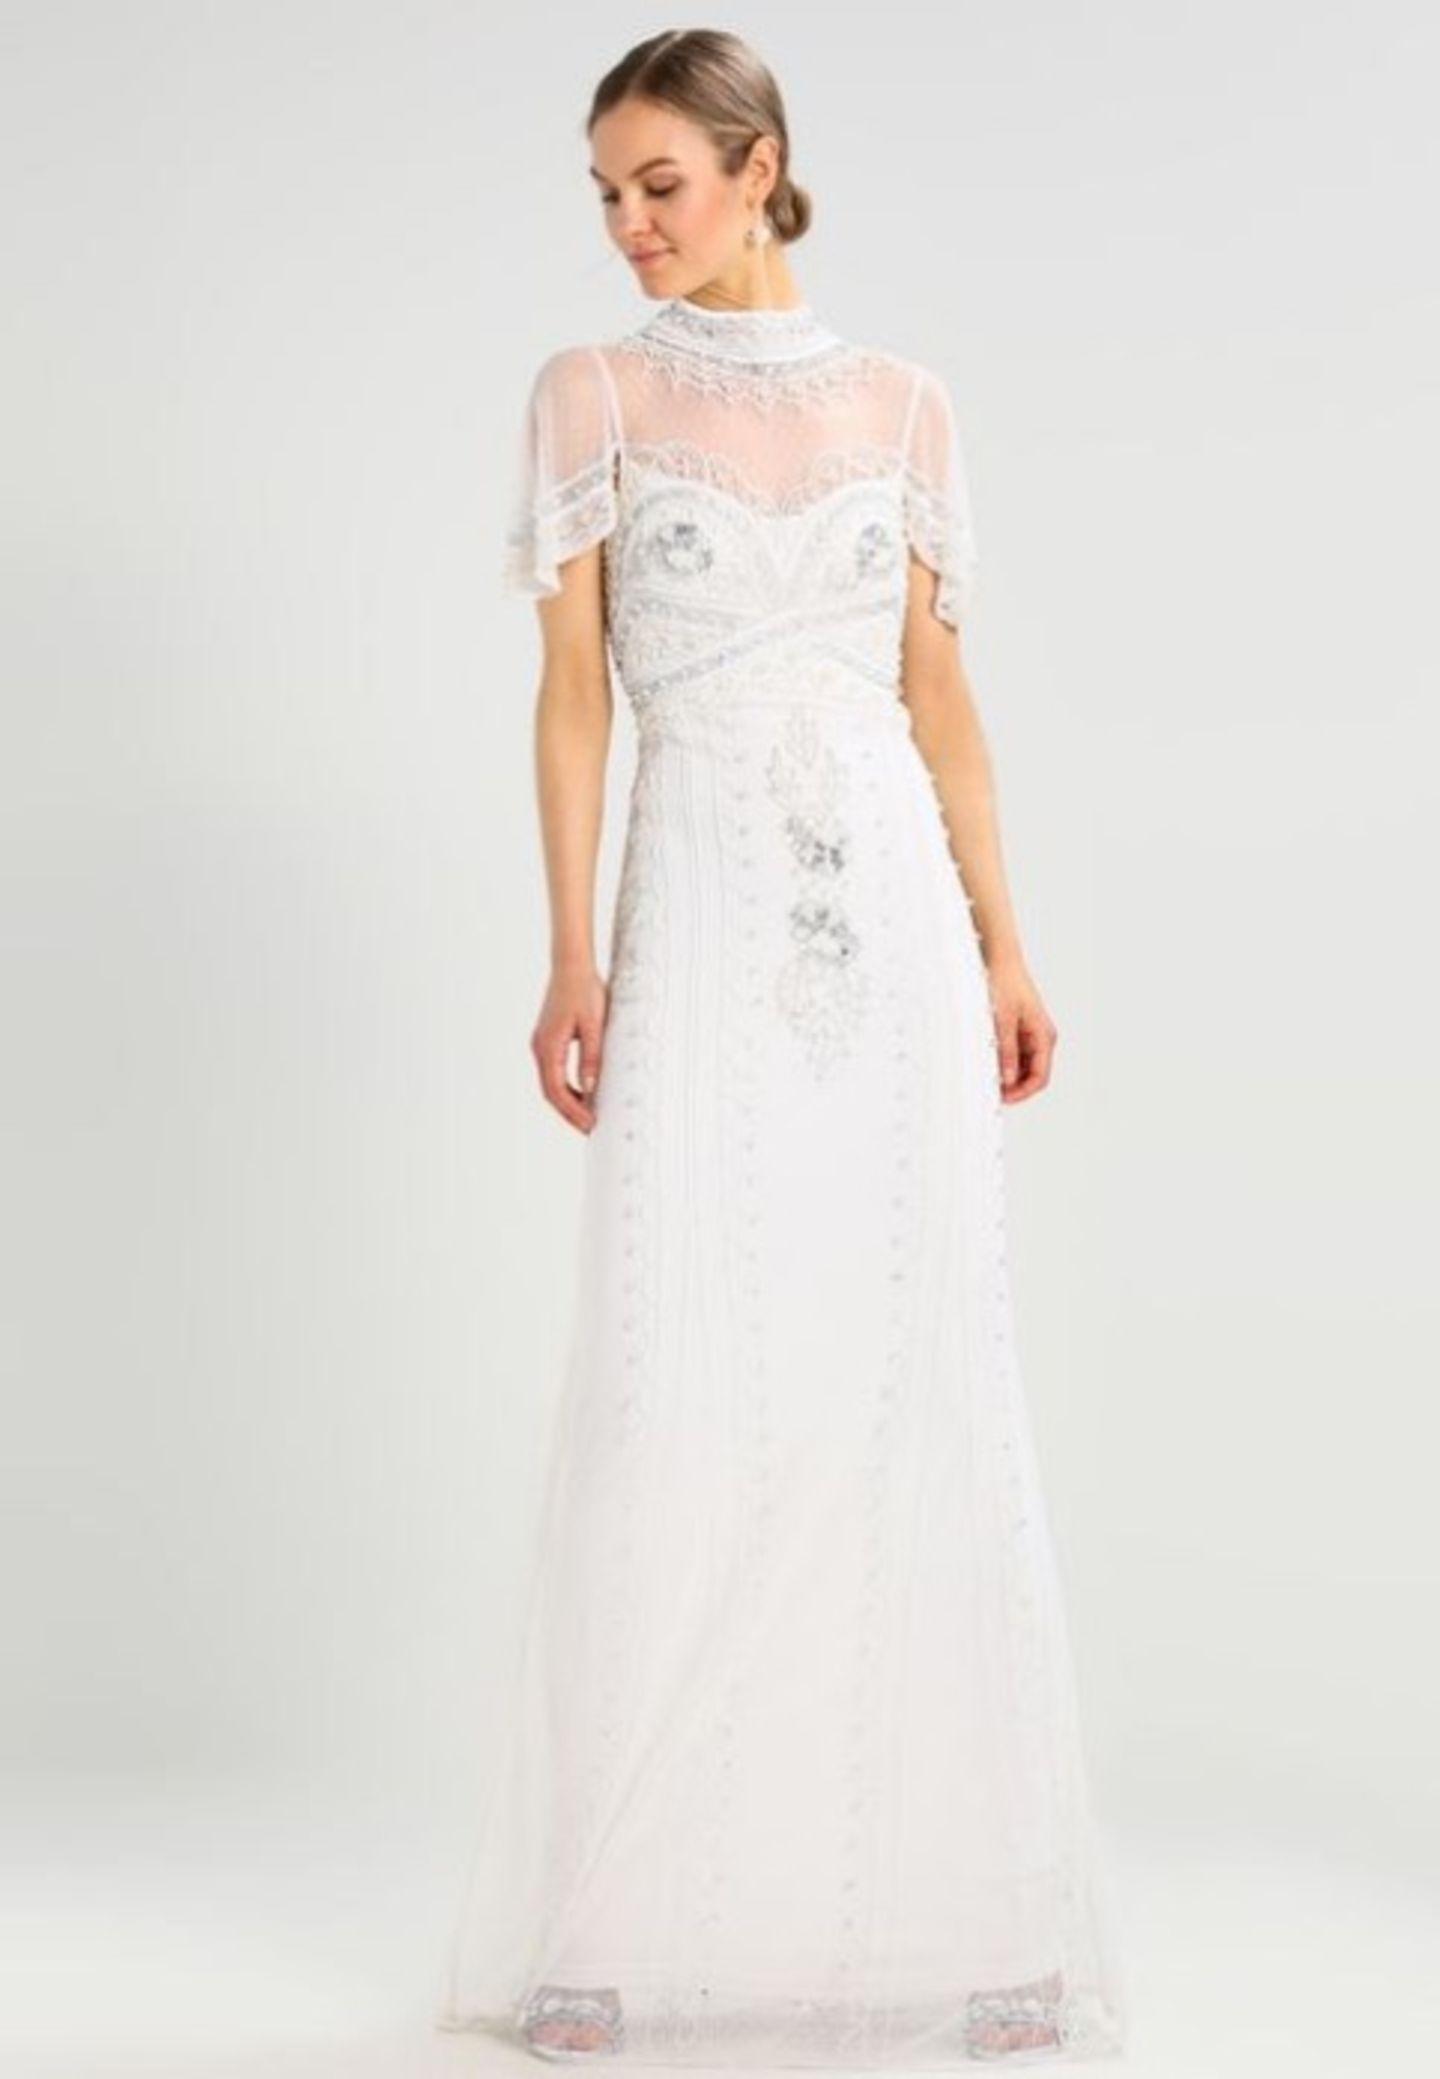 Günstige Brautkleider: Hochzeitskleider unter 14 Euro  BRIGITTE.de